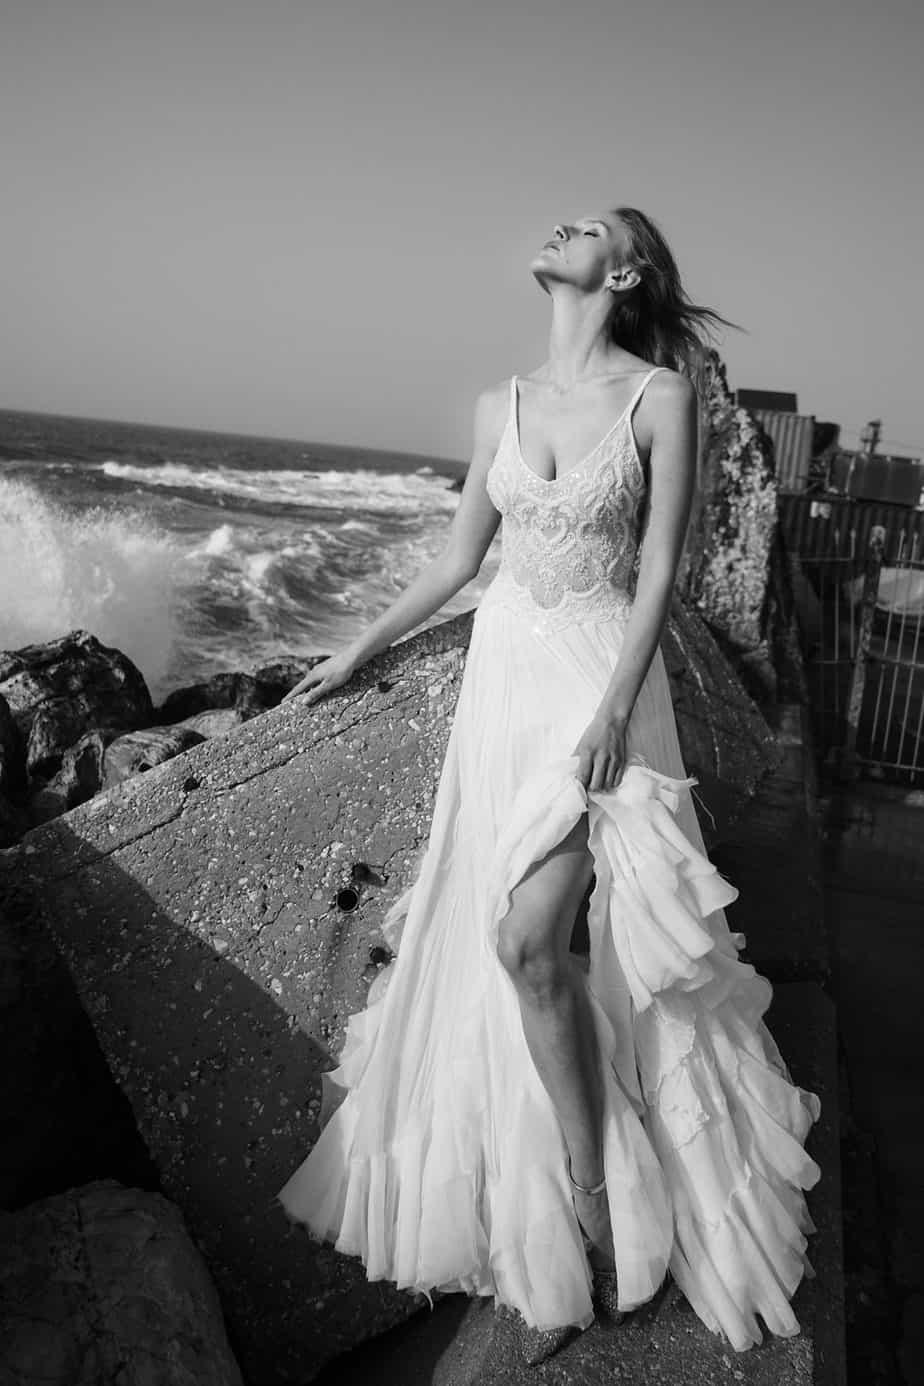 שמלת כלה של אניה פליט, צילום אלון שפרנסקי - 13